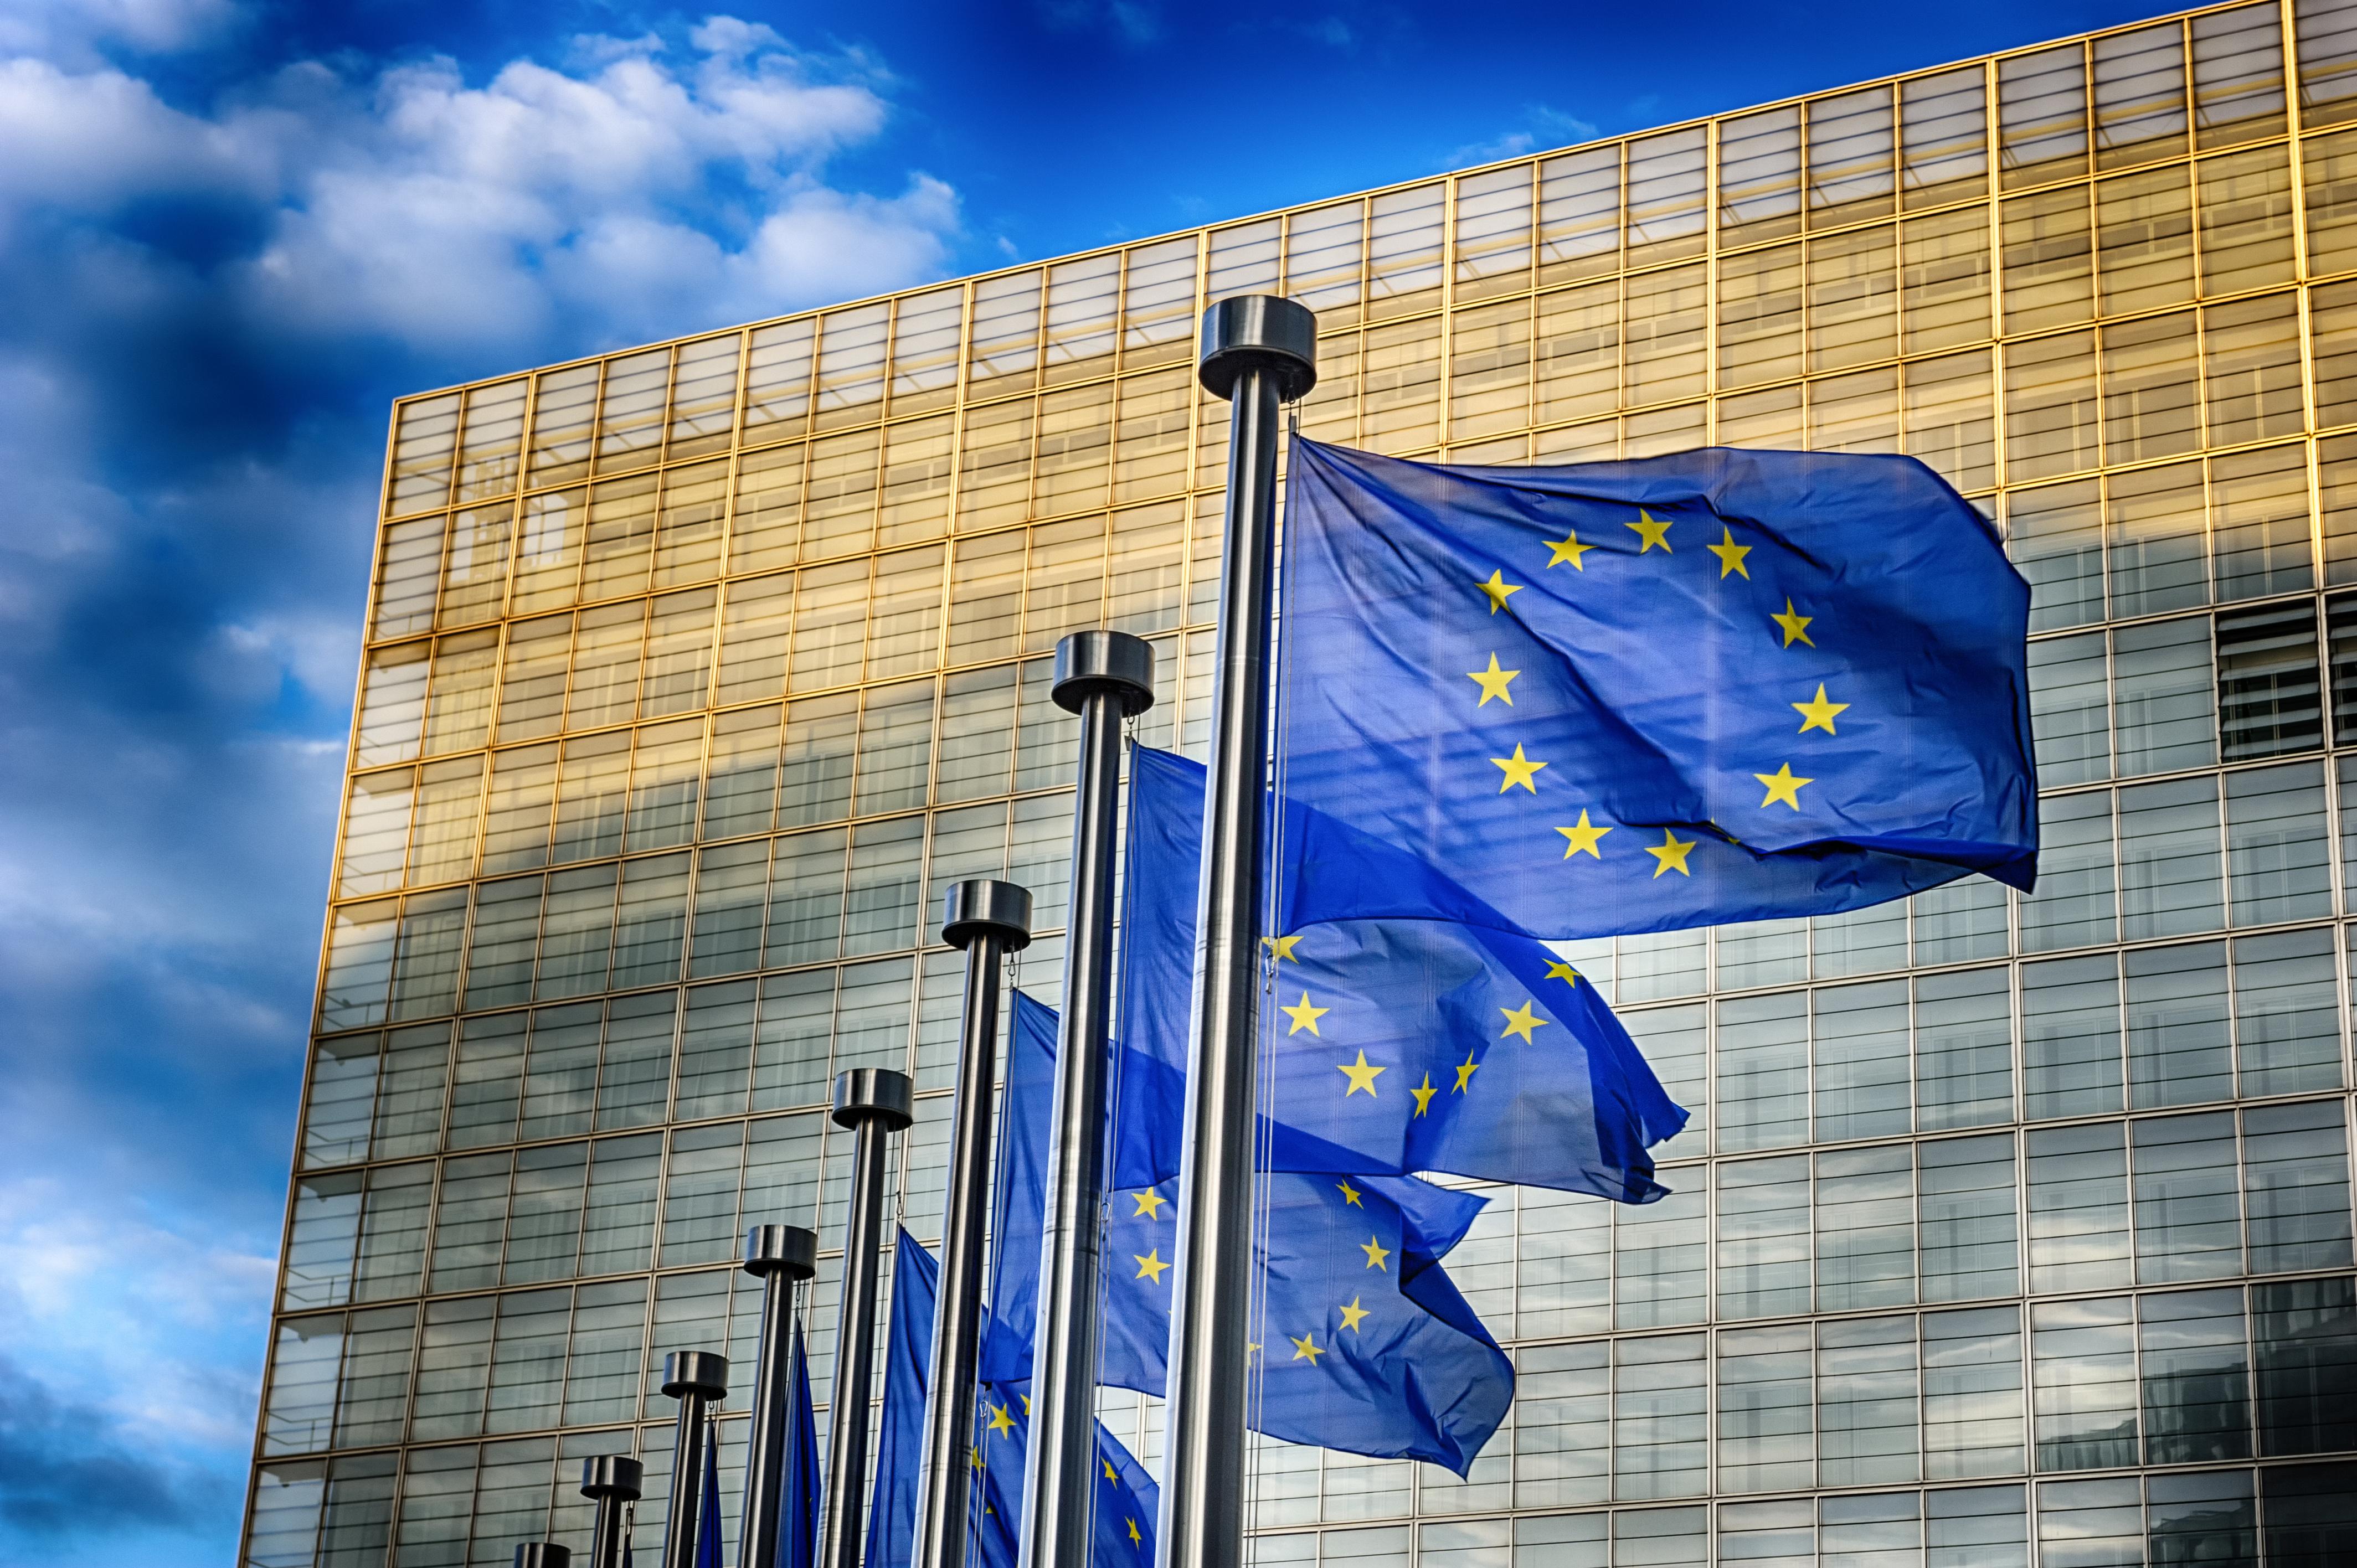 Comisia Europeană: Consultare publică privind funcționarea cooperării administrative în domeniul impozitării directe